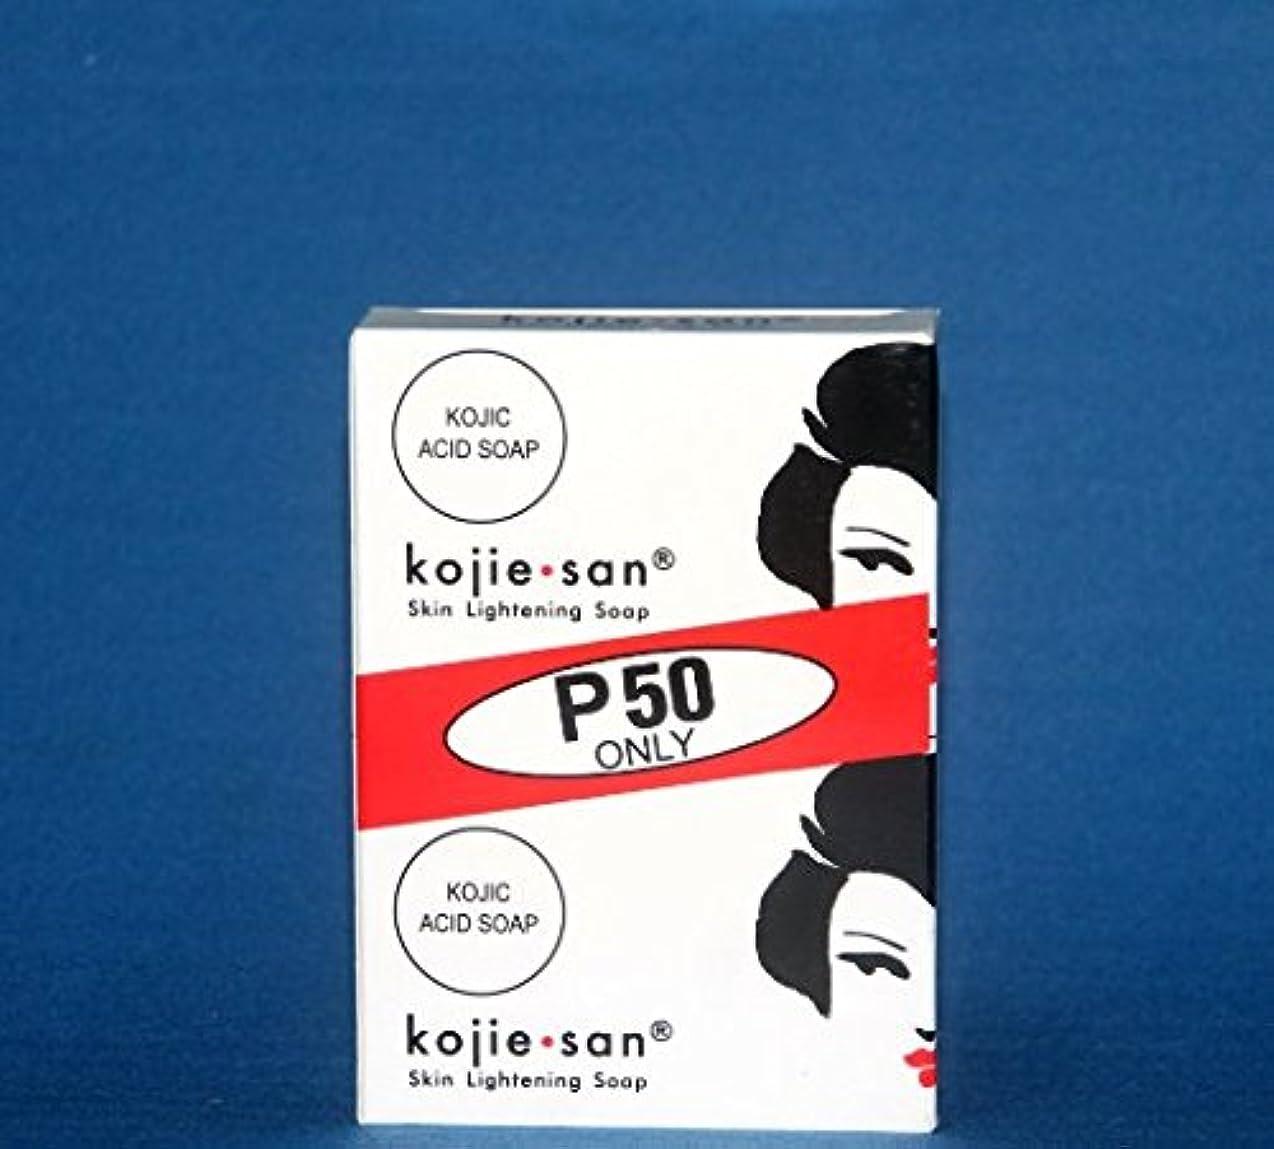 破壊的がっかりしたチーフKojie san Skin Lightening Soap 2 pcs こじえさん スキンライトニングソープ 2個 パック [並行輸入品]